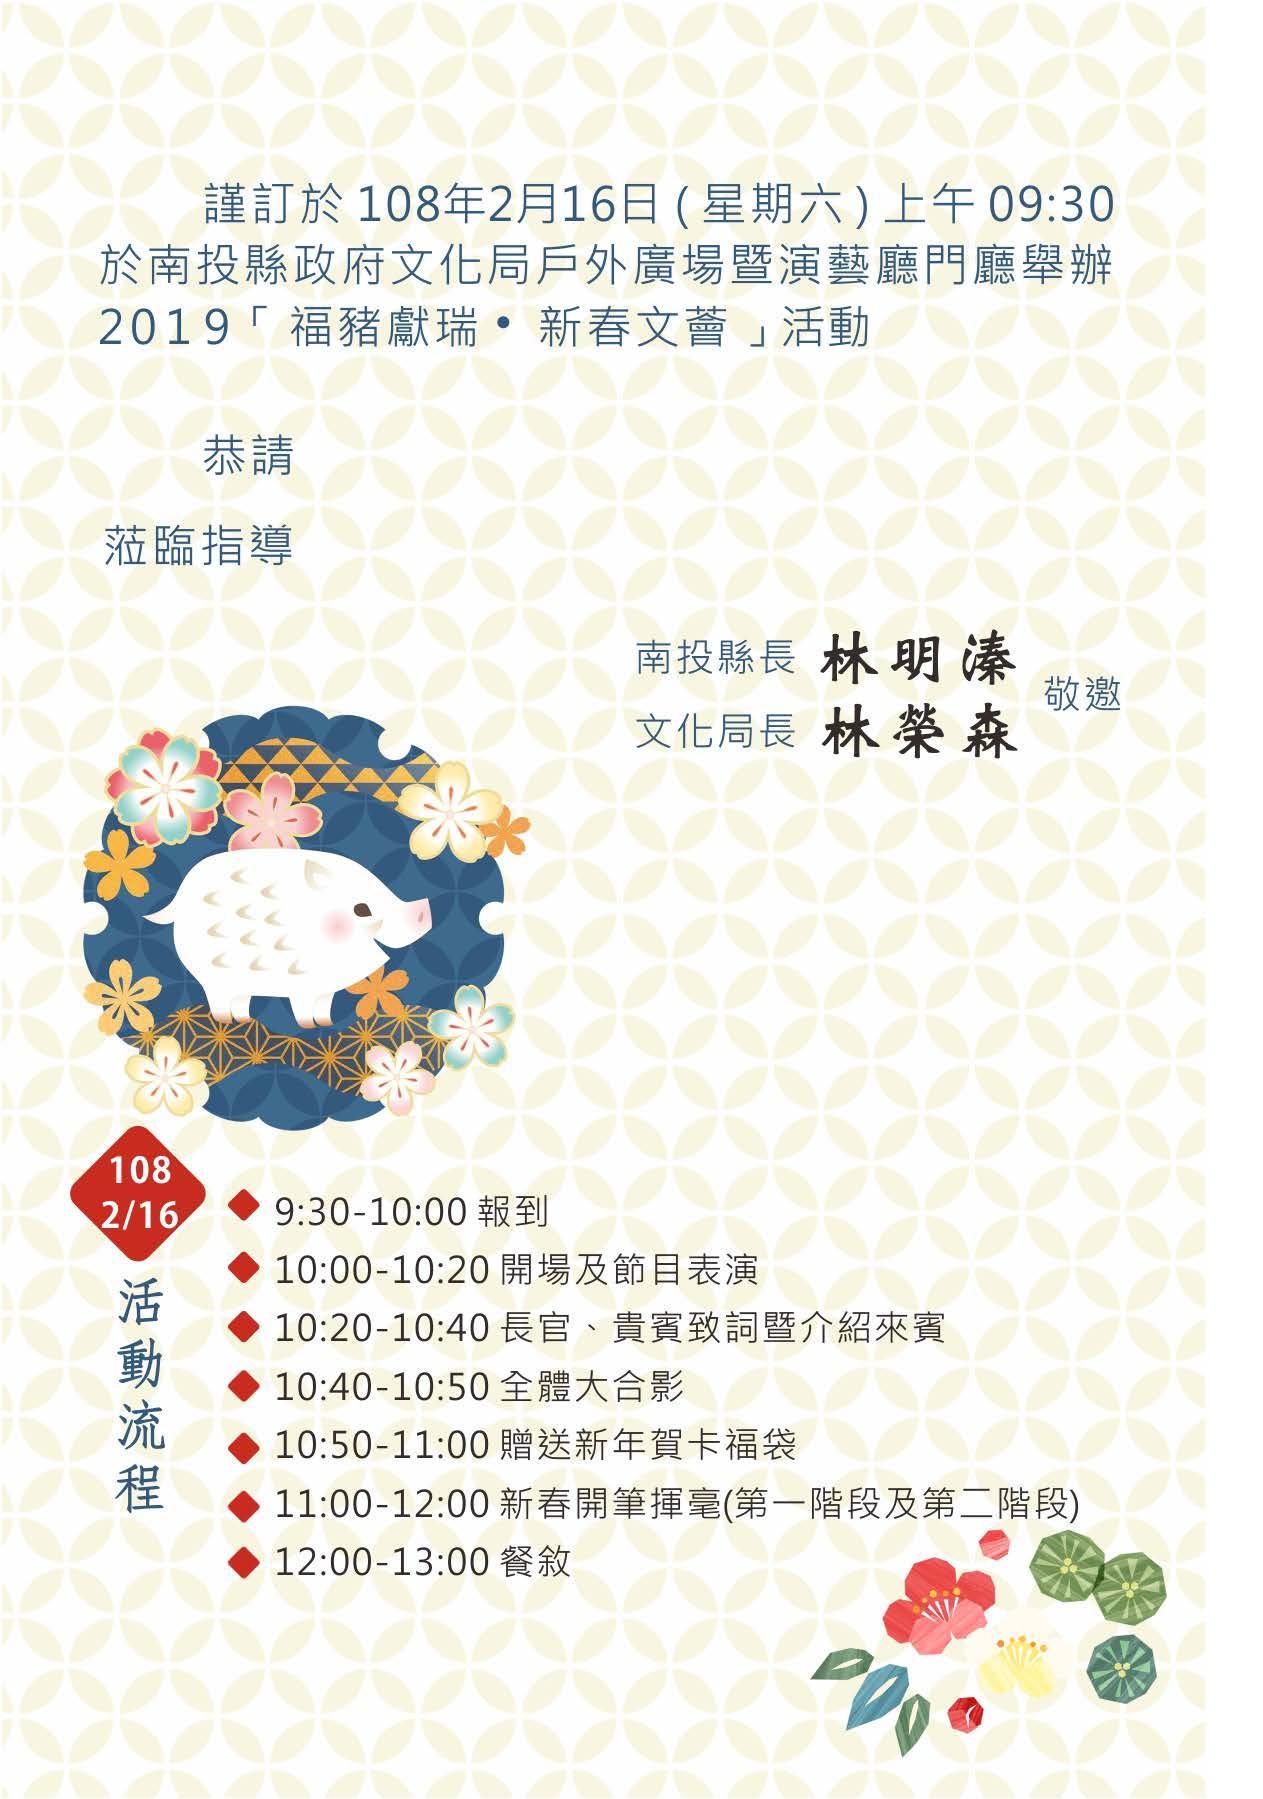 2019新春文薈邀請卡-1